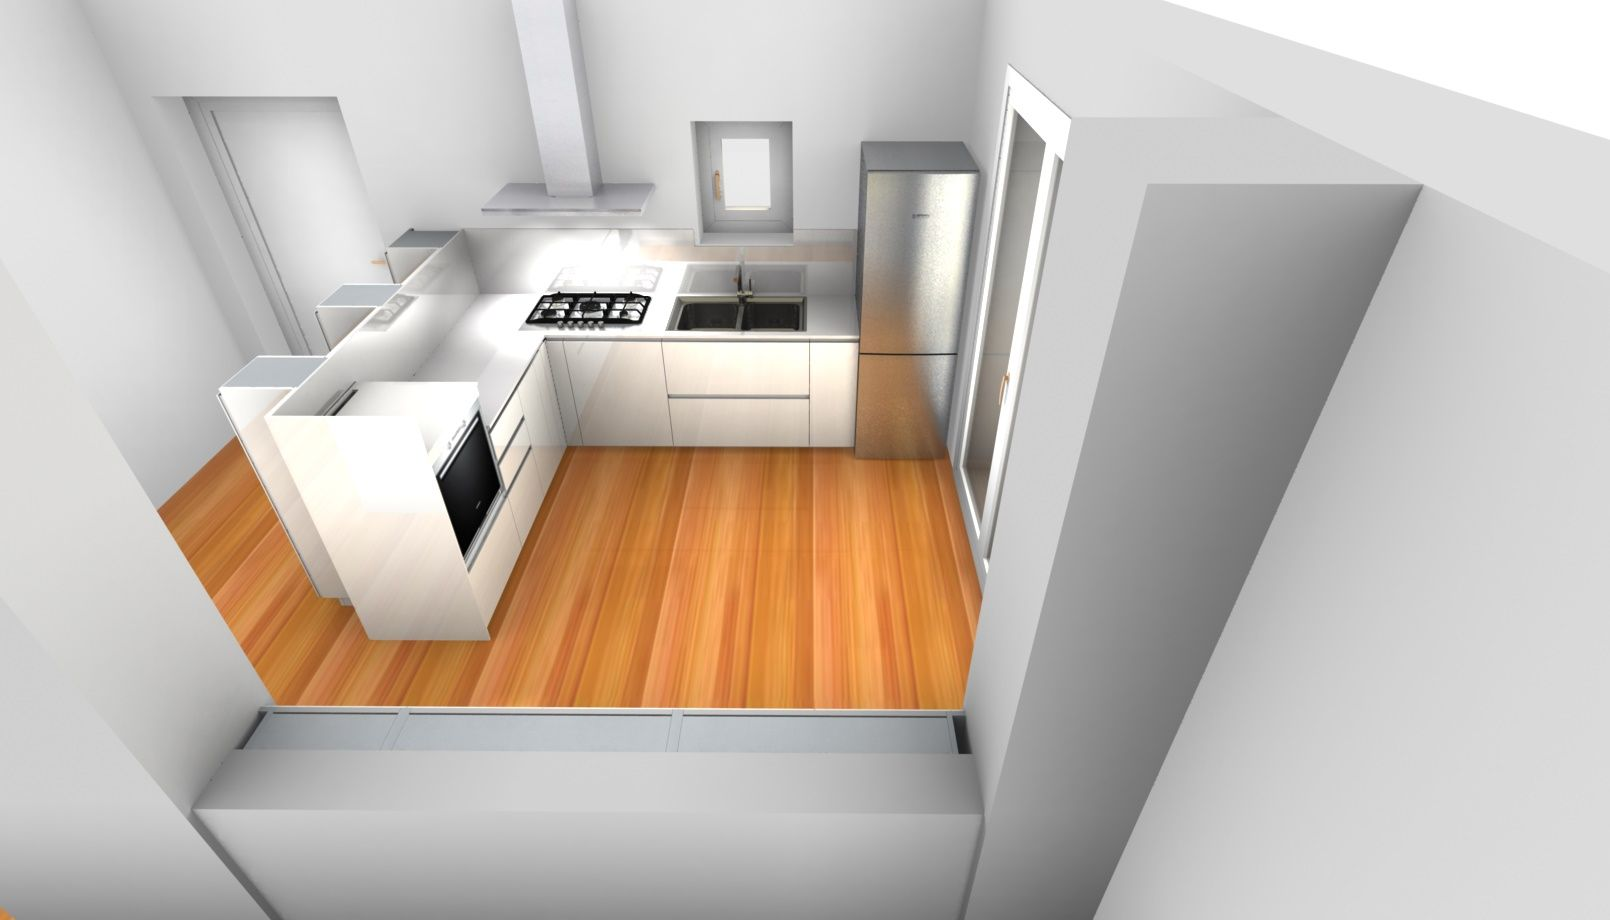 Progetto cucina ernestomeda icon air laccato lucido bianco mobili